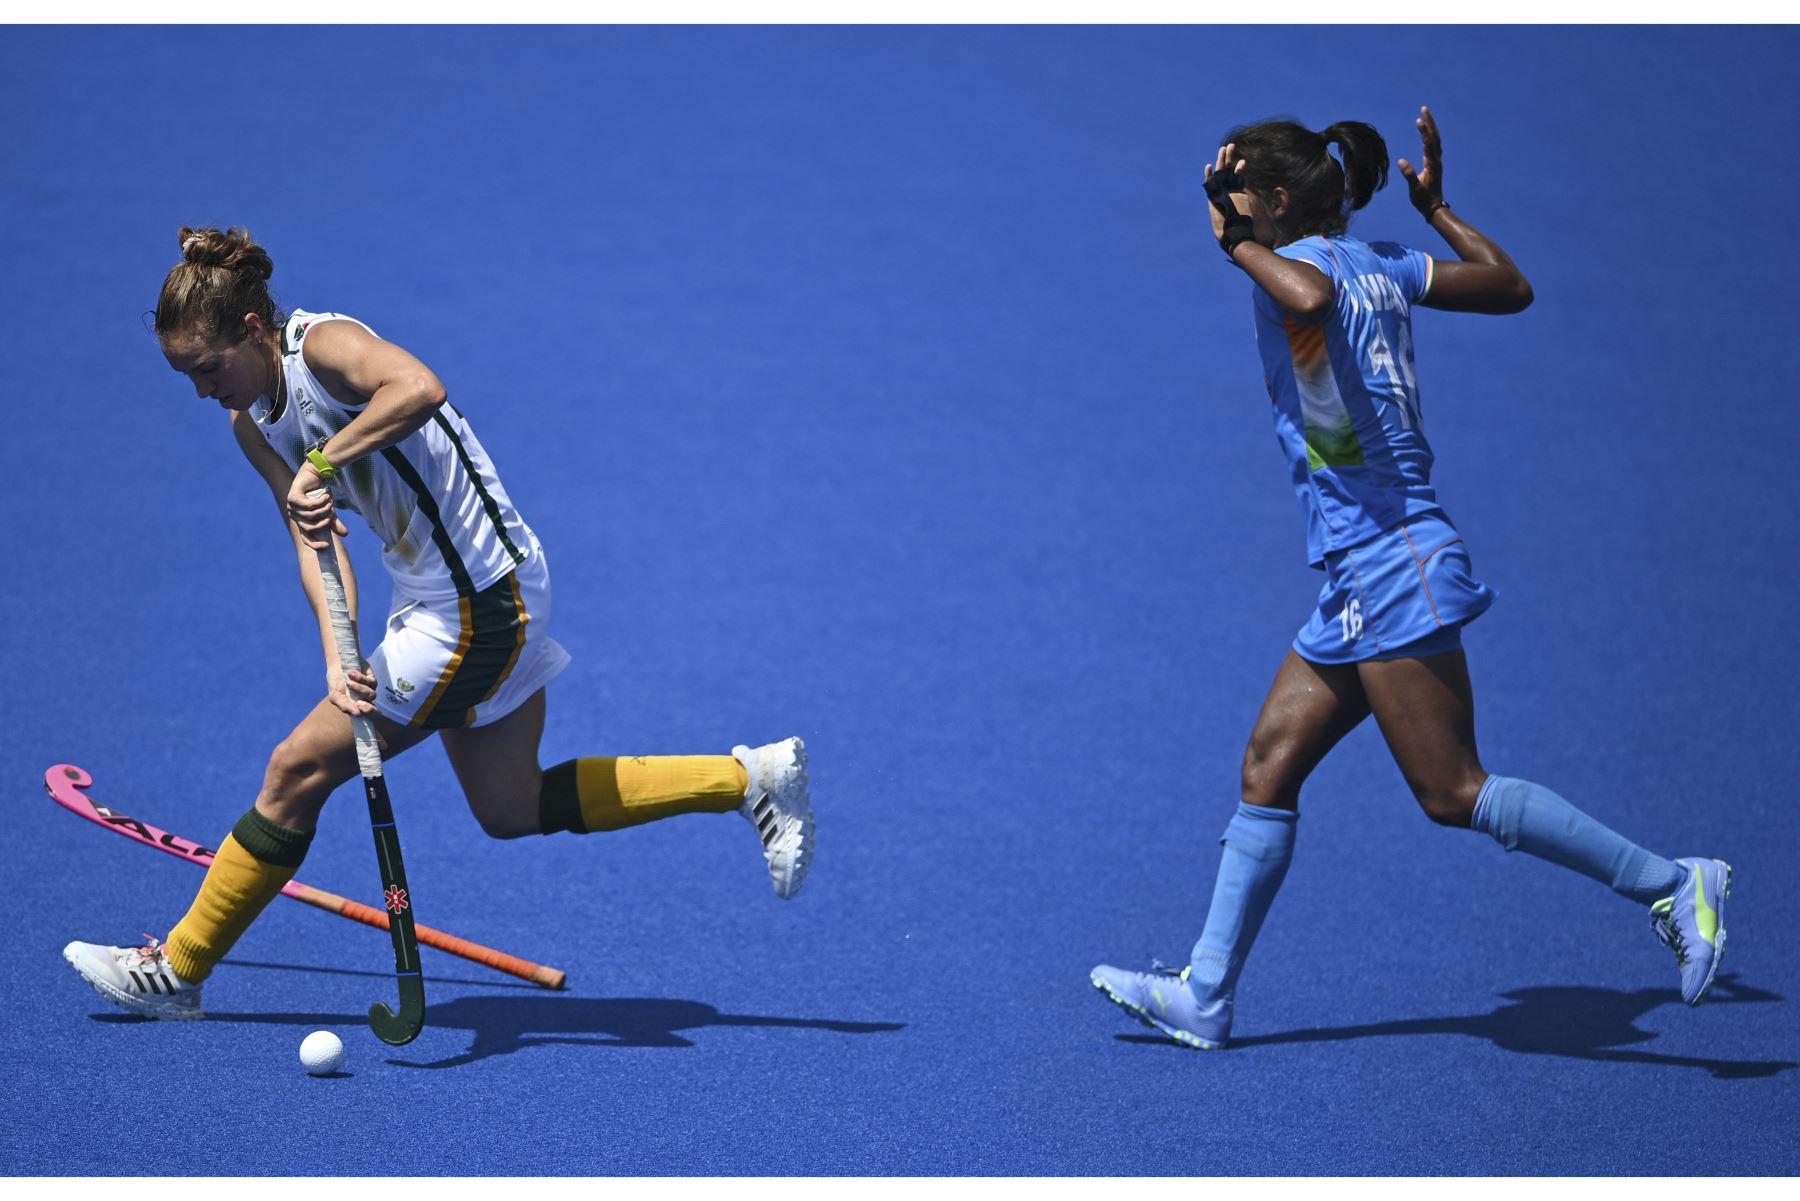 La sudafricana Kristen Paton dribla el balón ante la india Vandana Katariya durante encuentro por el grupo A de mujeres por los Juegos Olímpicos de Tokio 2020. Foto: AFP